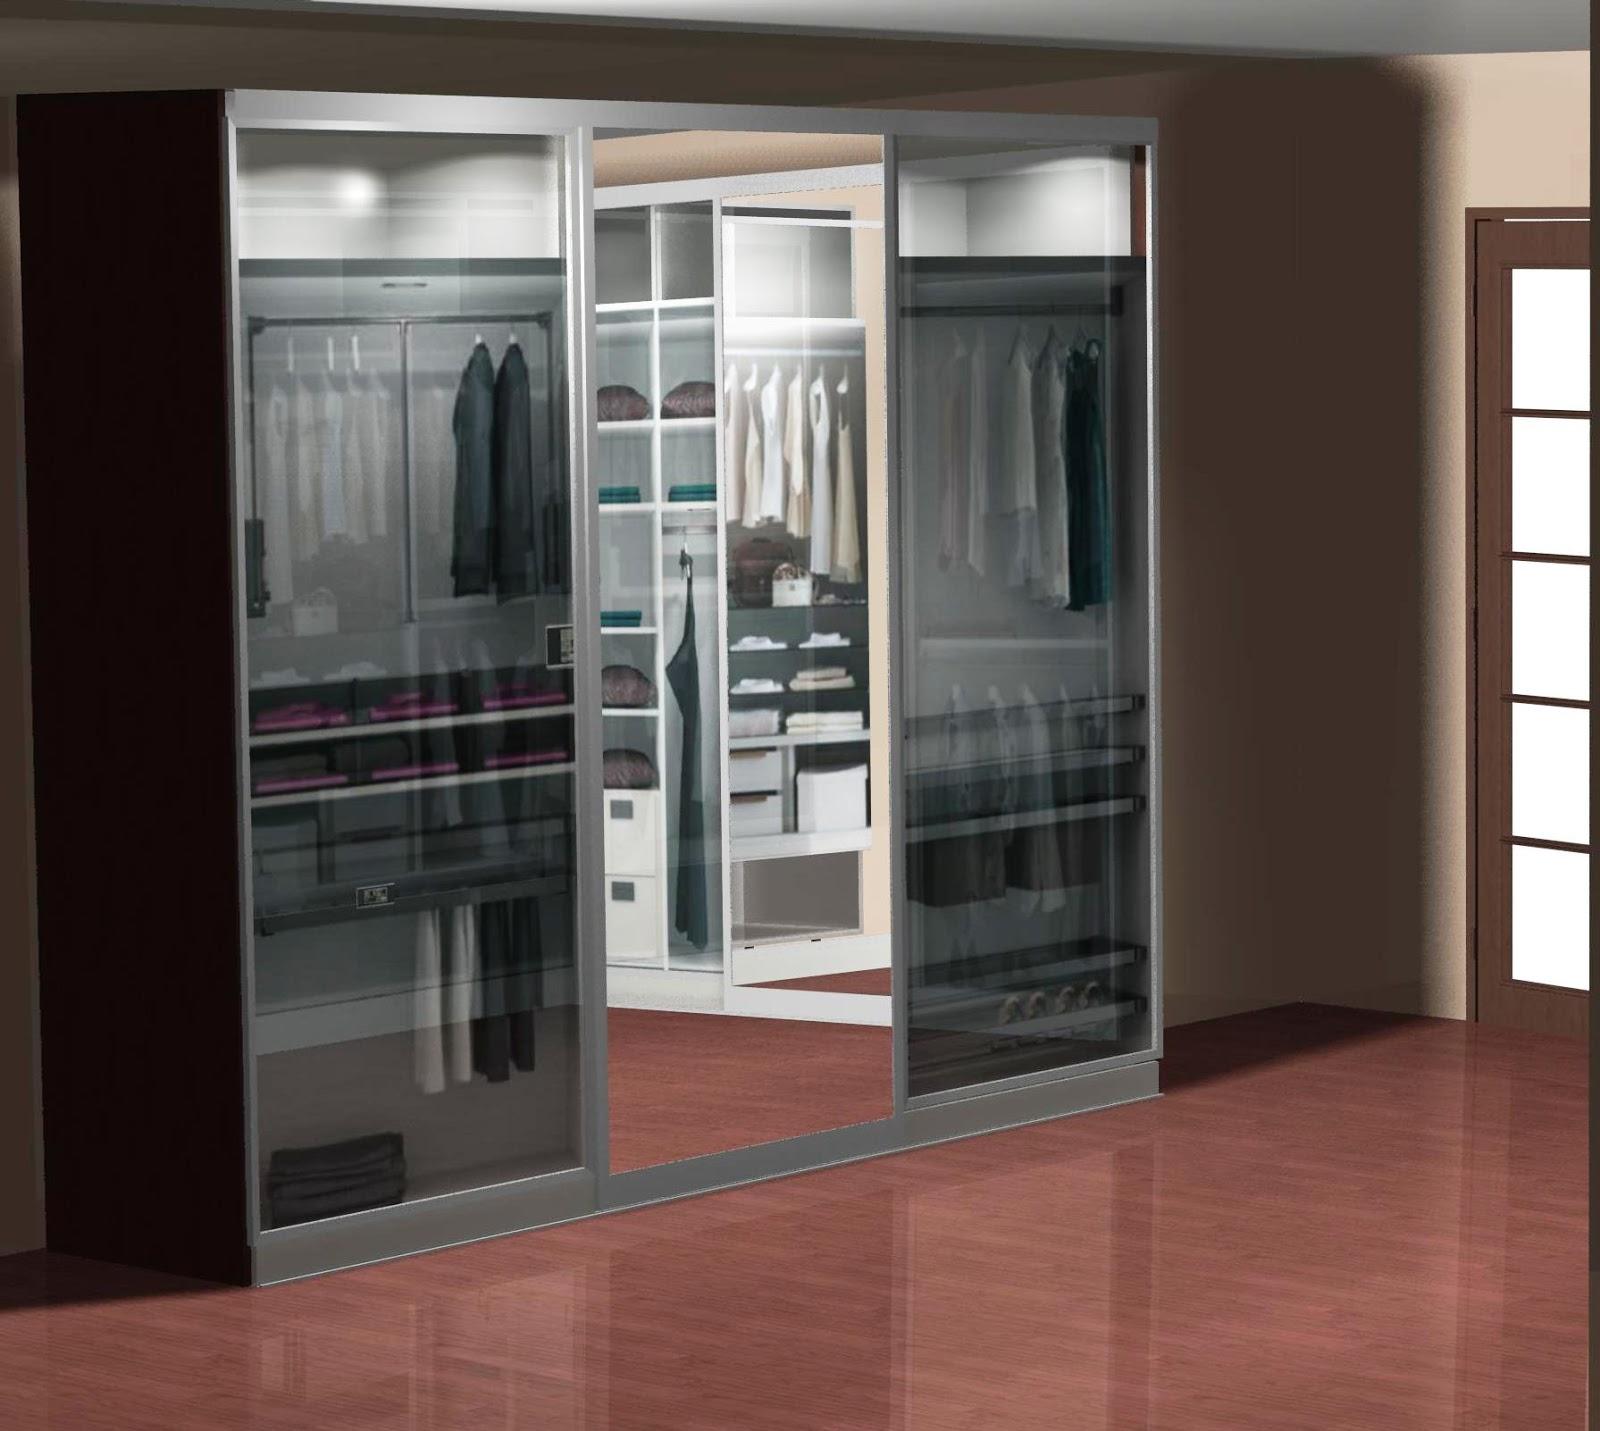 Dise o de vestidor con puertas correderas con espejo central - Puertas correderas de diseno ...